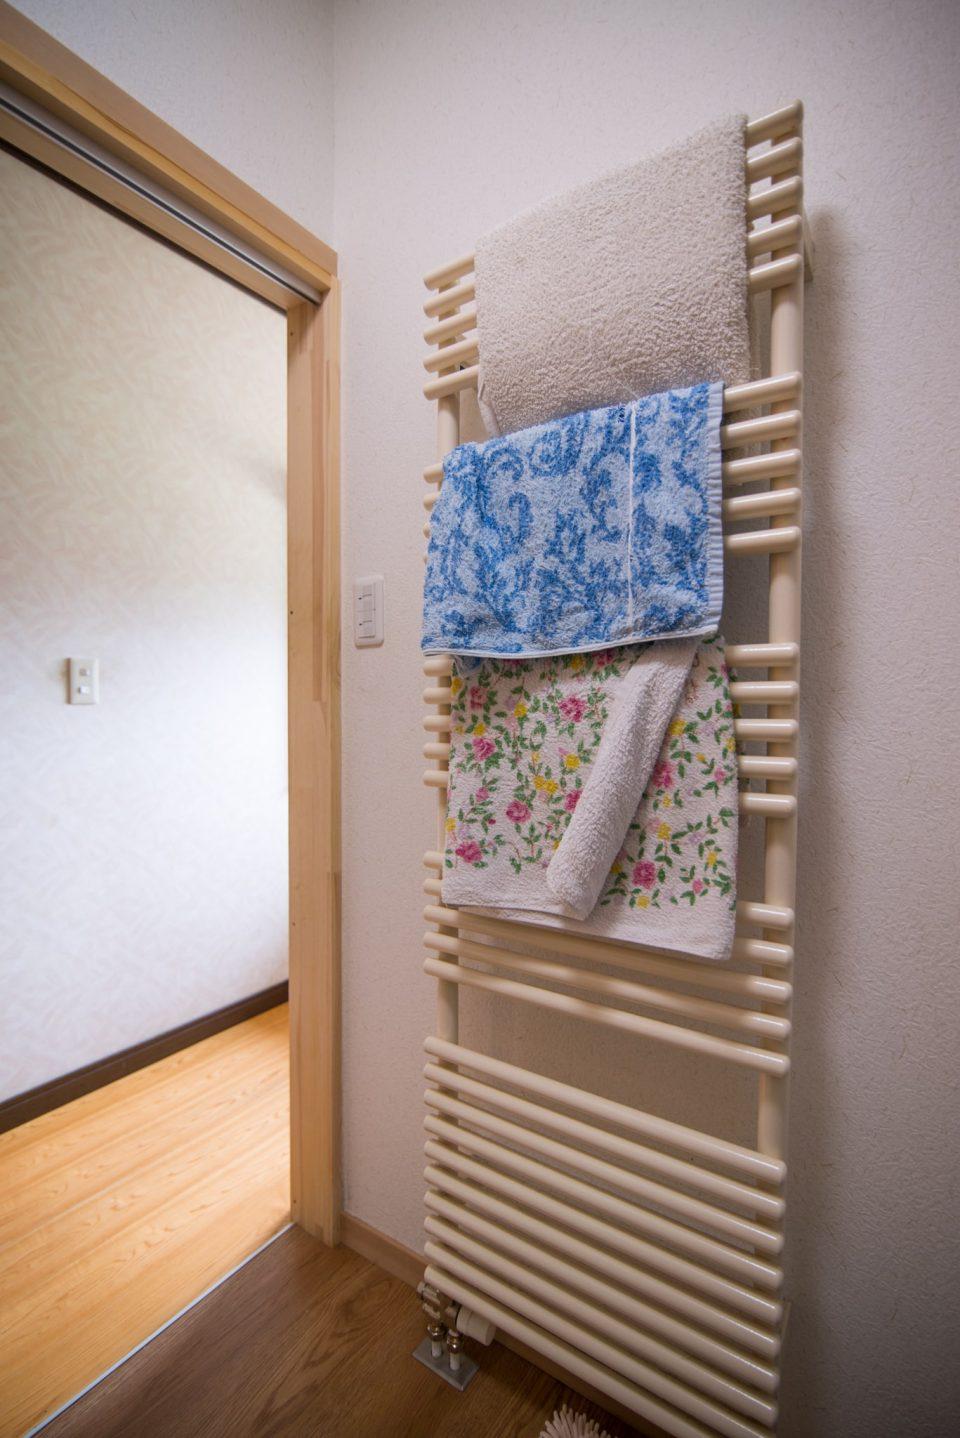 脱衣所にタオルかけ兼用のパネルヒーター